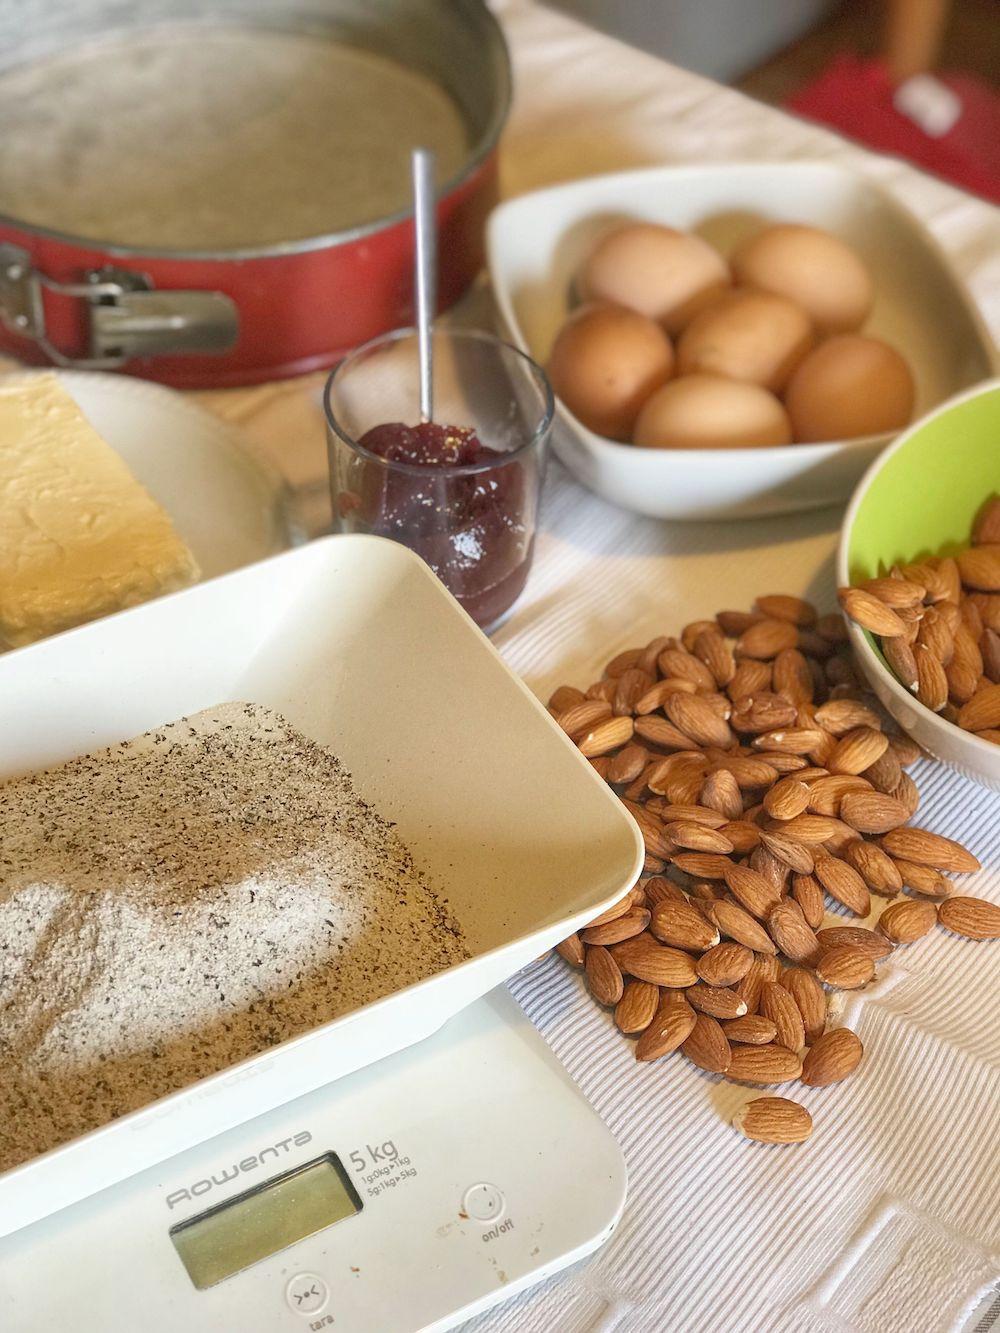 preparazione torta di grano saraceno-ingredienti